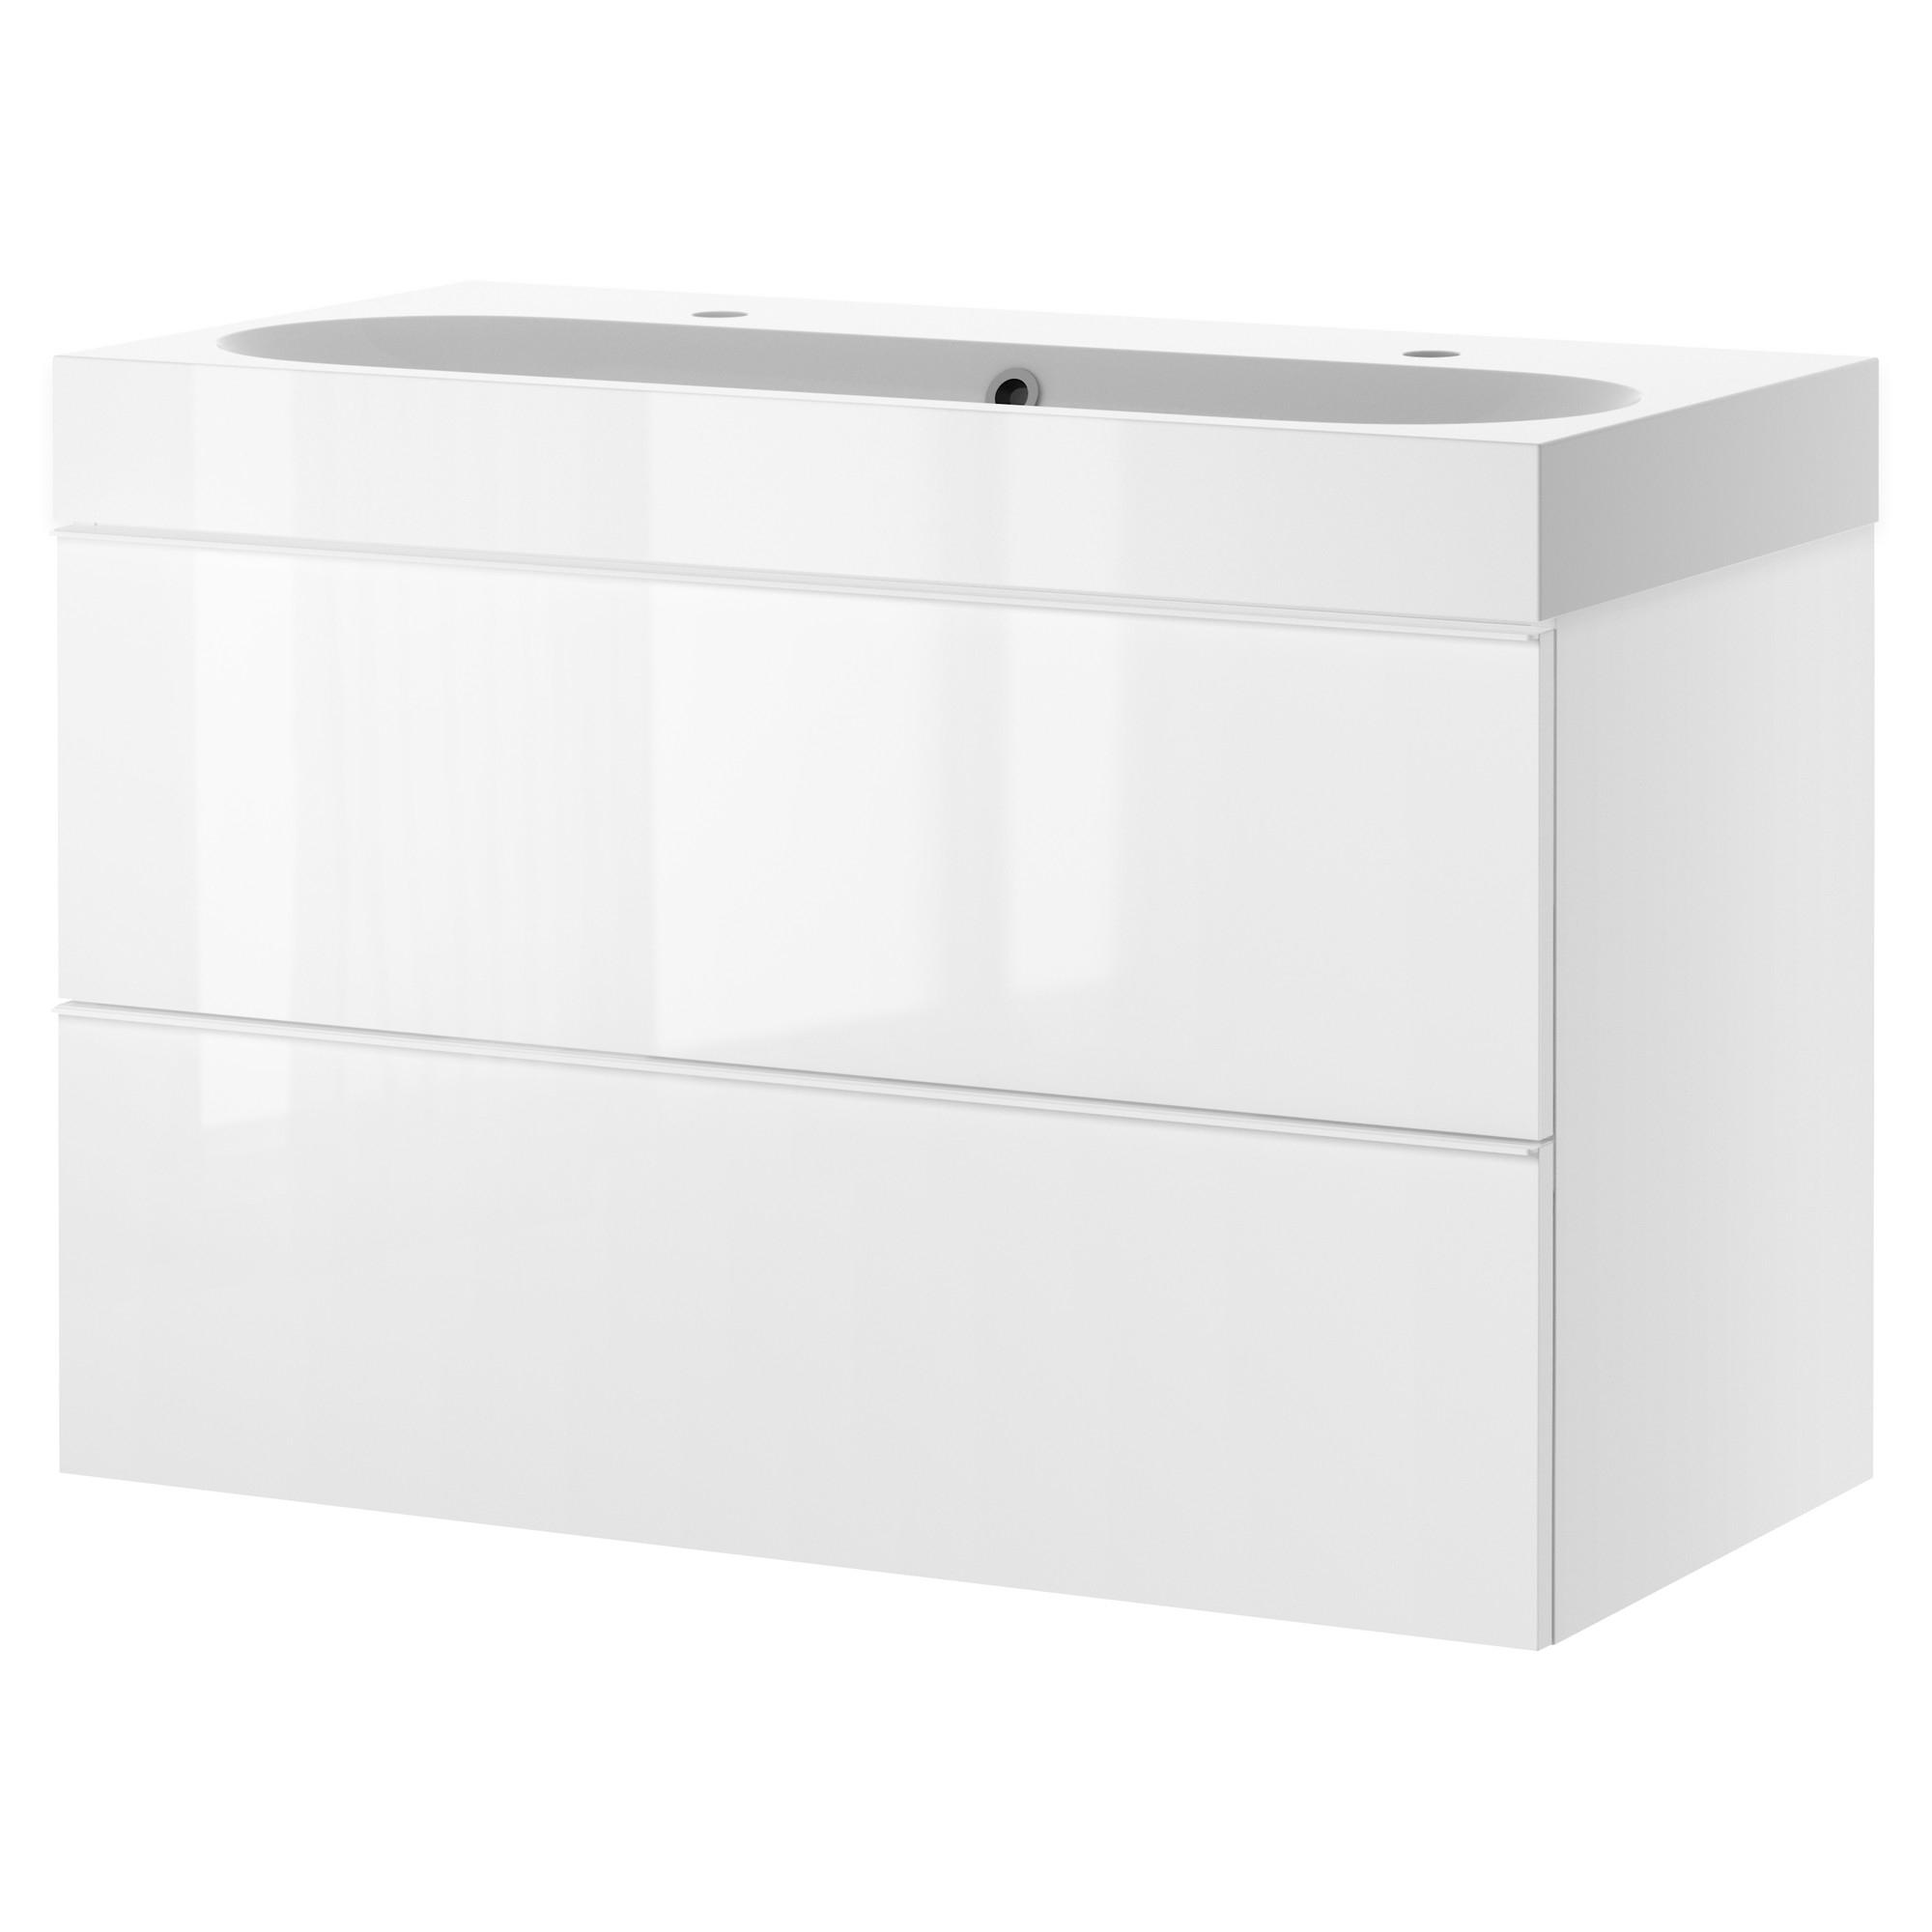 Godmorgon braviken armario lavabo 2 cajones 100cm - Armario lavabo ikea ...